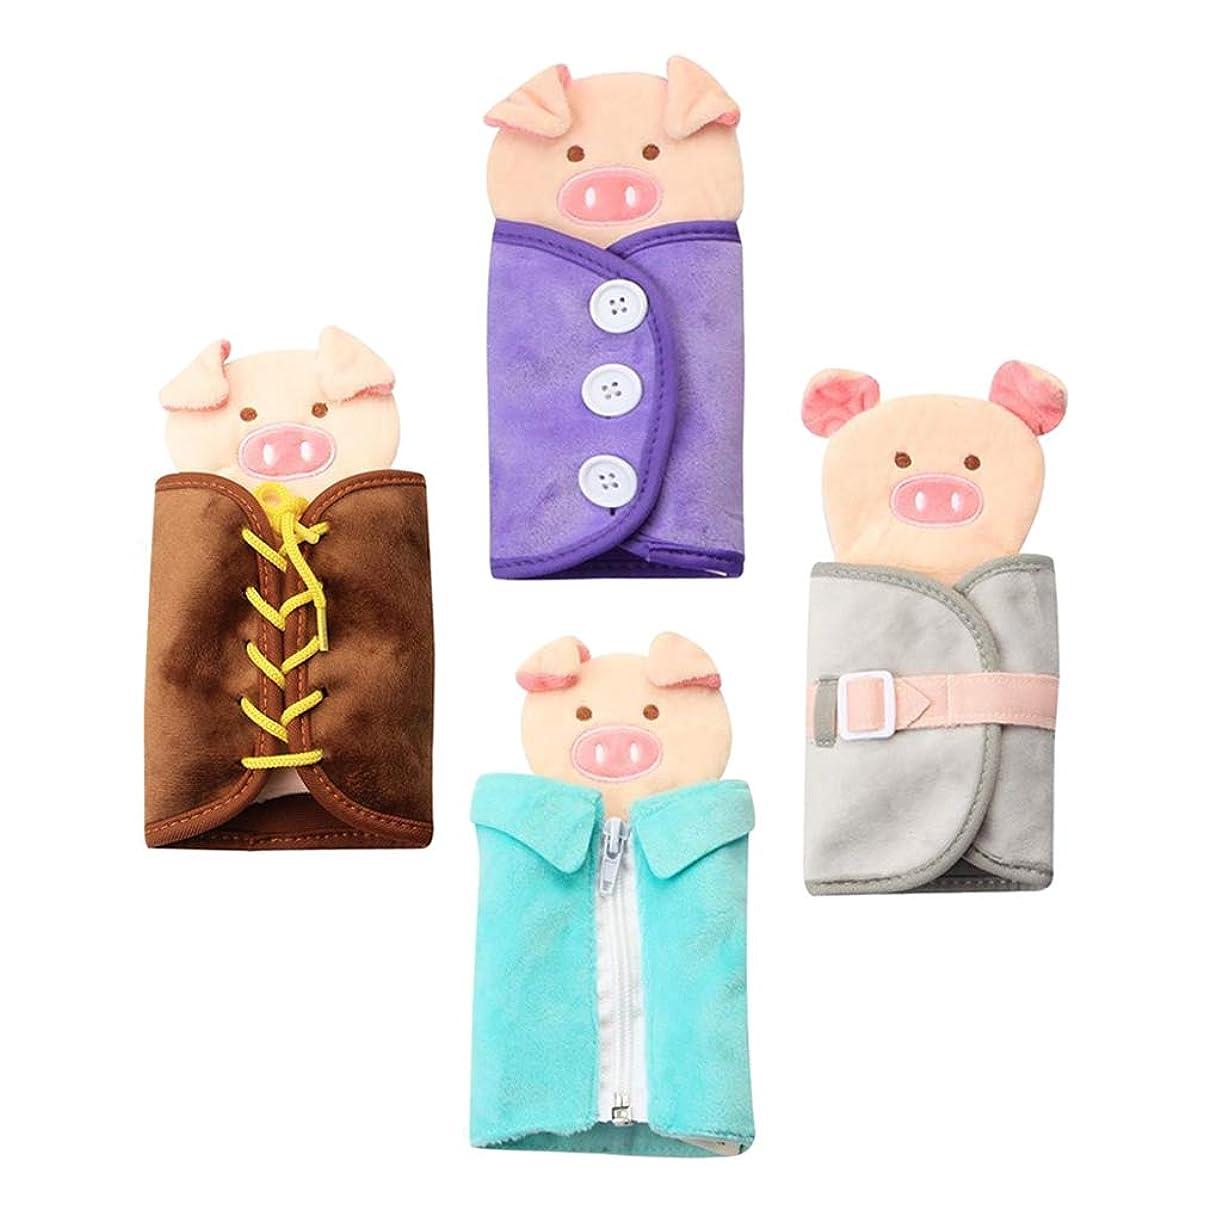 トライアスロンクローン放送Milageto キッズ 生活スキル 学習おもちゃ 4タイプセット 結び方 靴の紐 ファスナー ボタン ベルト 装着方法 子豚